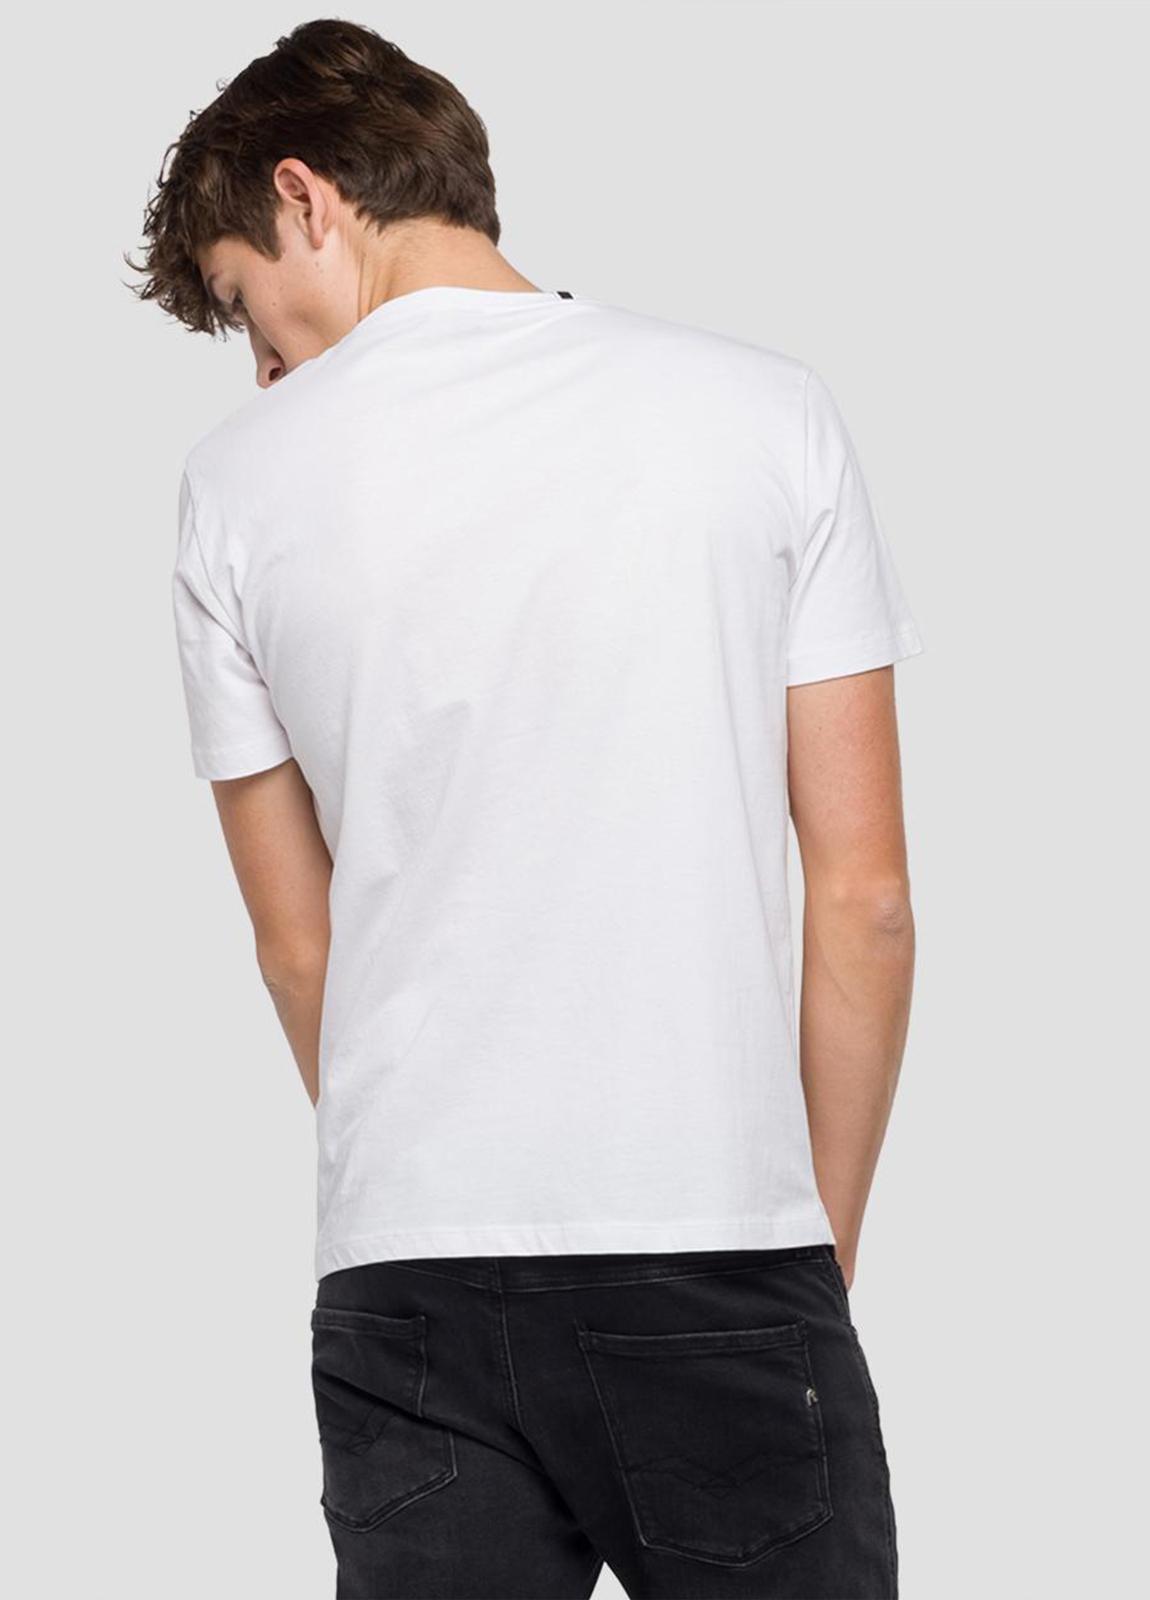 Camiseta manga corta color blanco con estampado de cascos.100% Algodón. - Ítem3